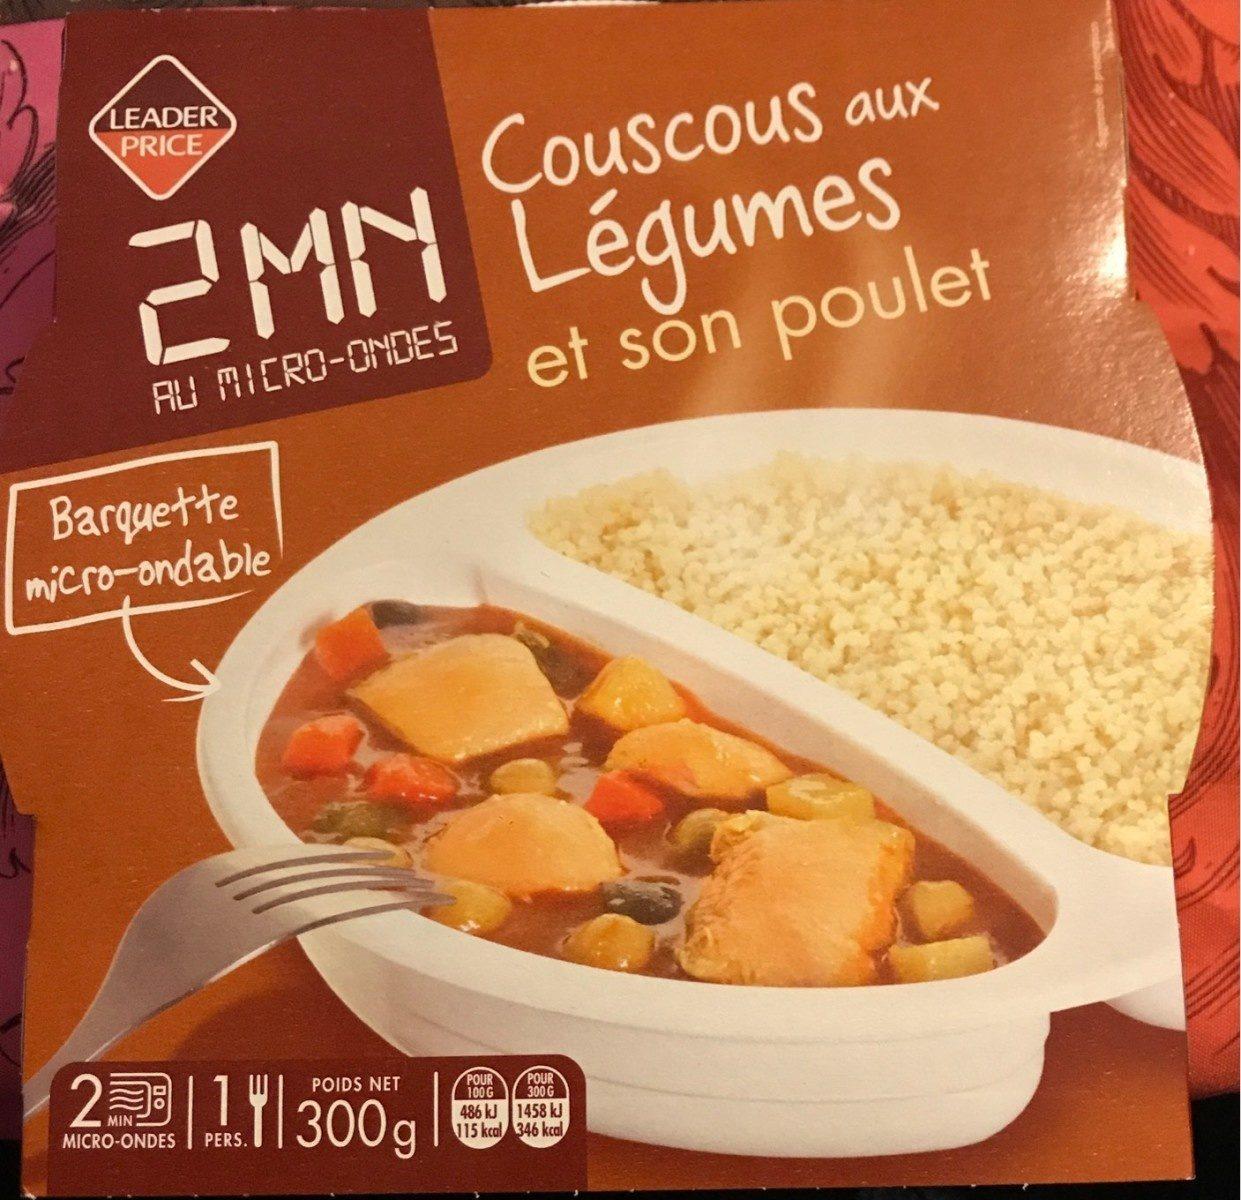 Couscous aux légumes et son poulet - Produkt - fr